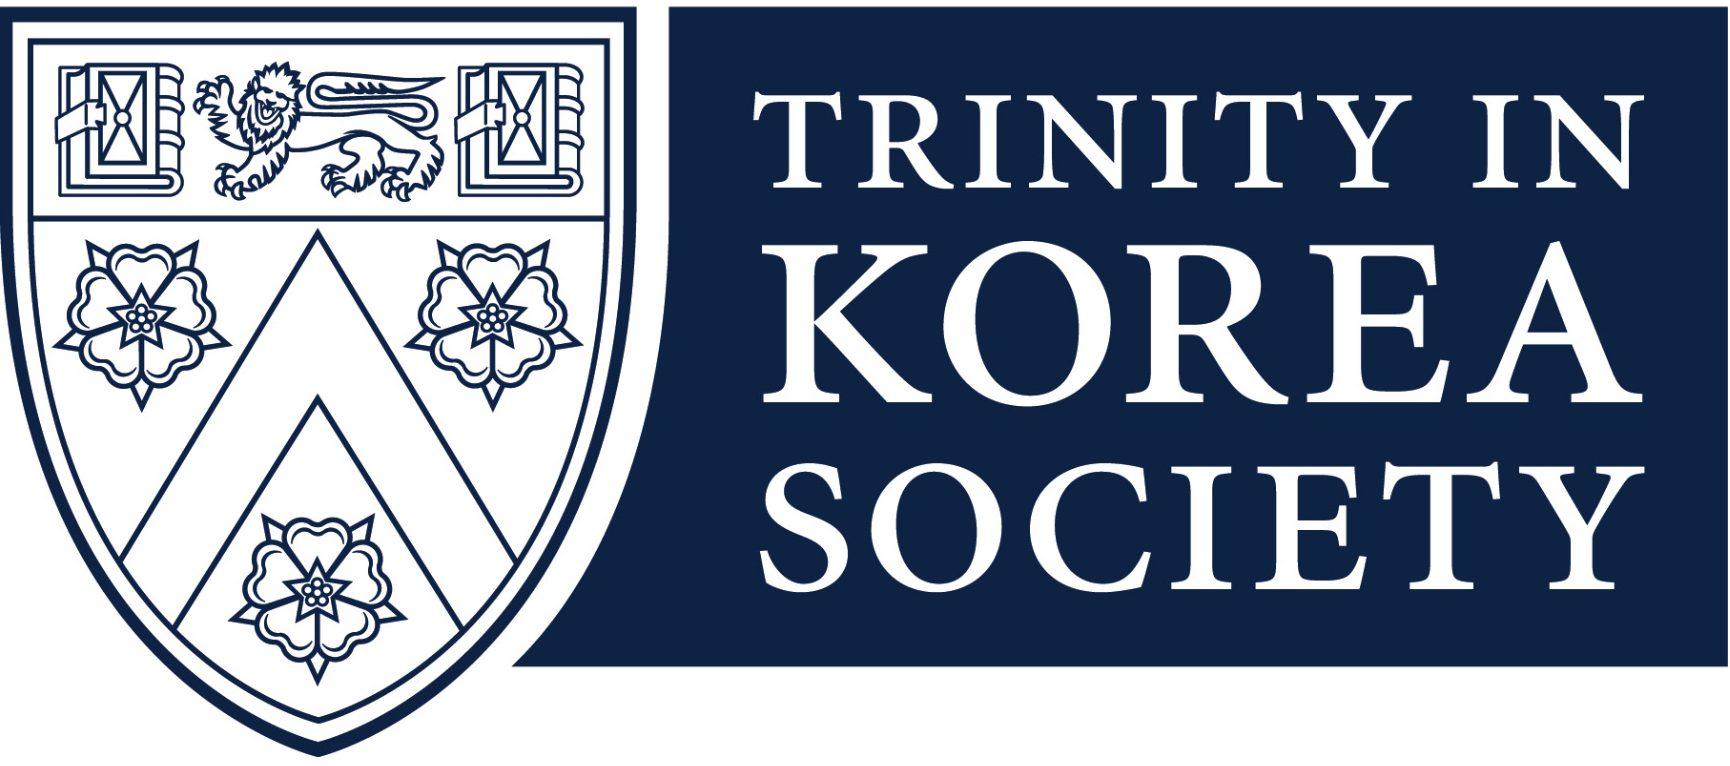 Trinity in Korea Society